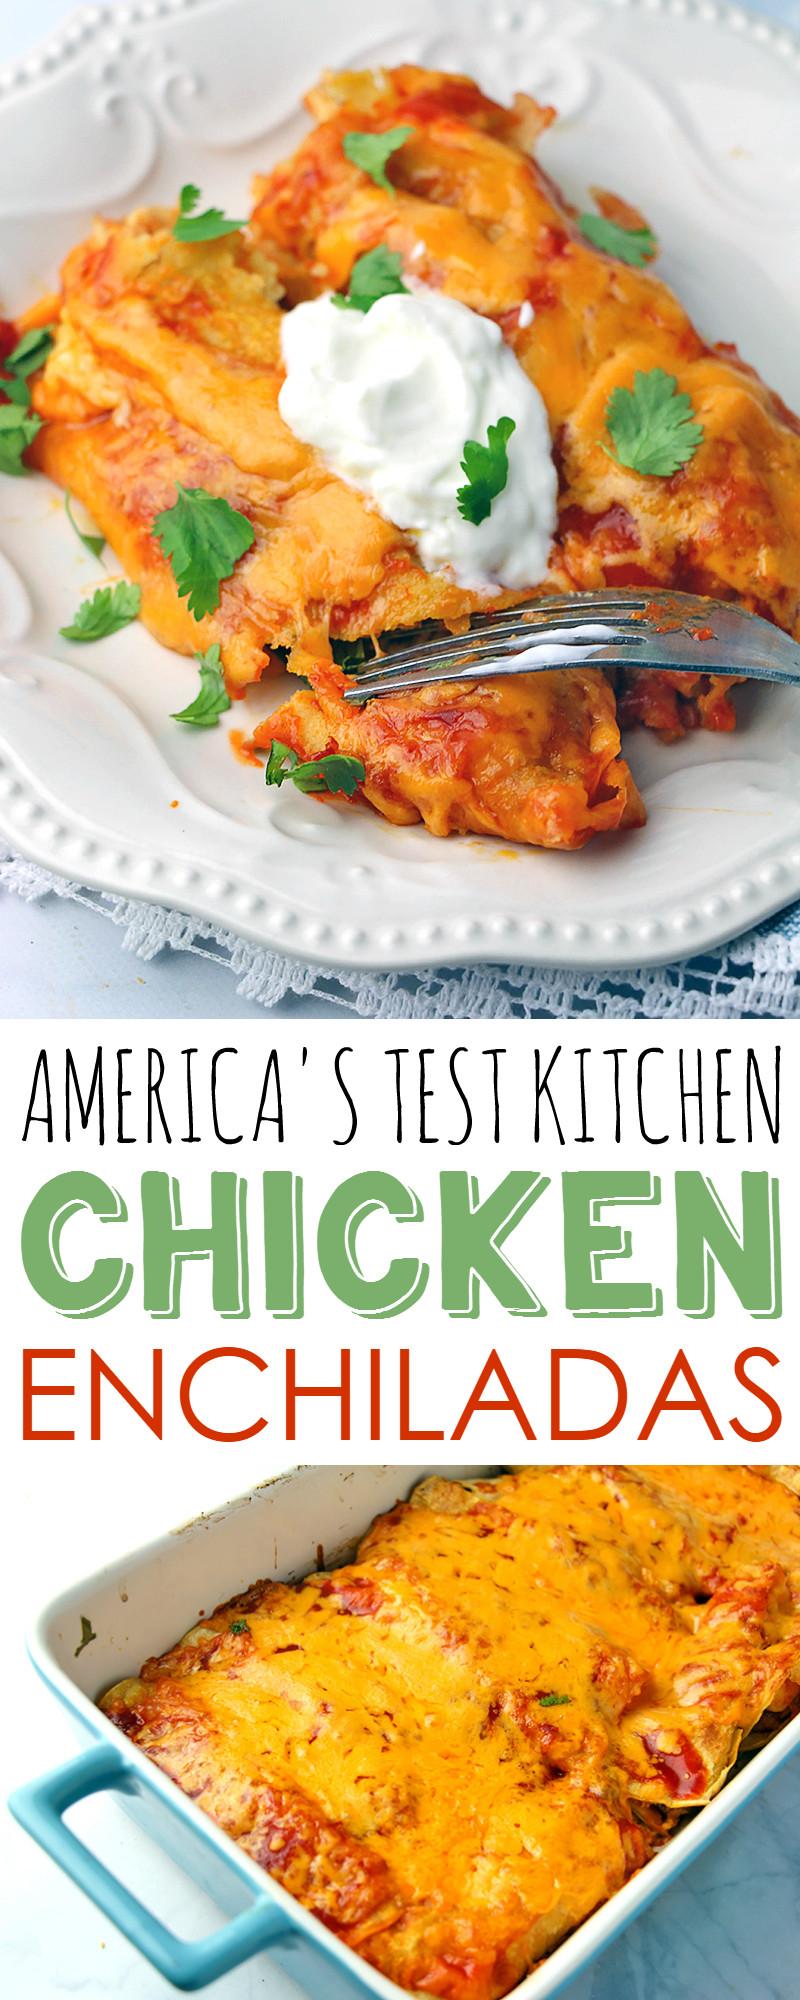 Healthy Chicken Enchiladas With Green Sauce  Chicken Enchiladas Recipe from The America s Test